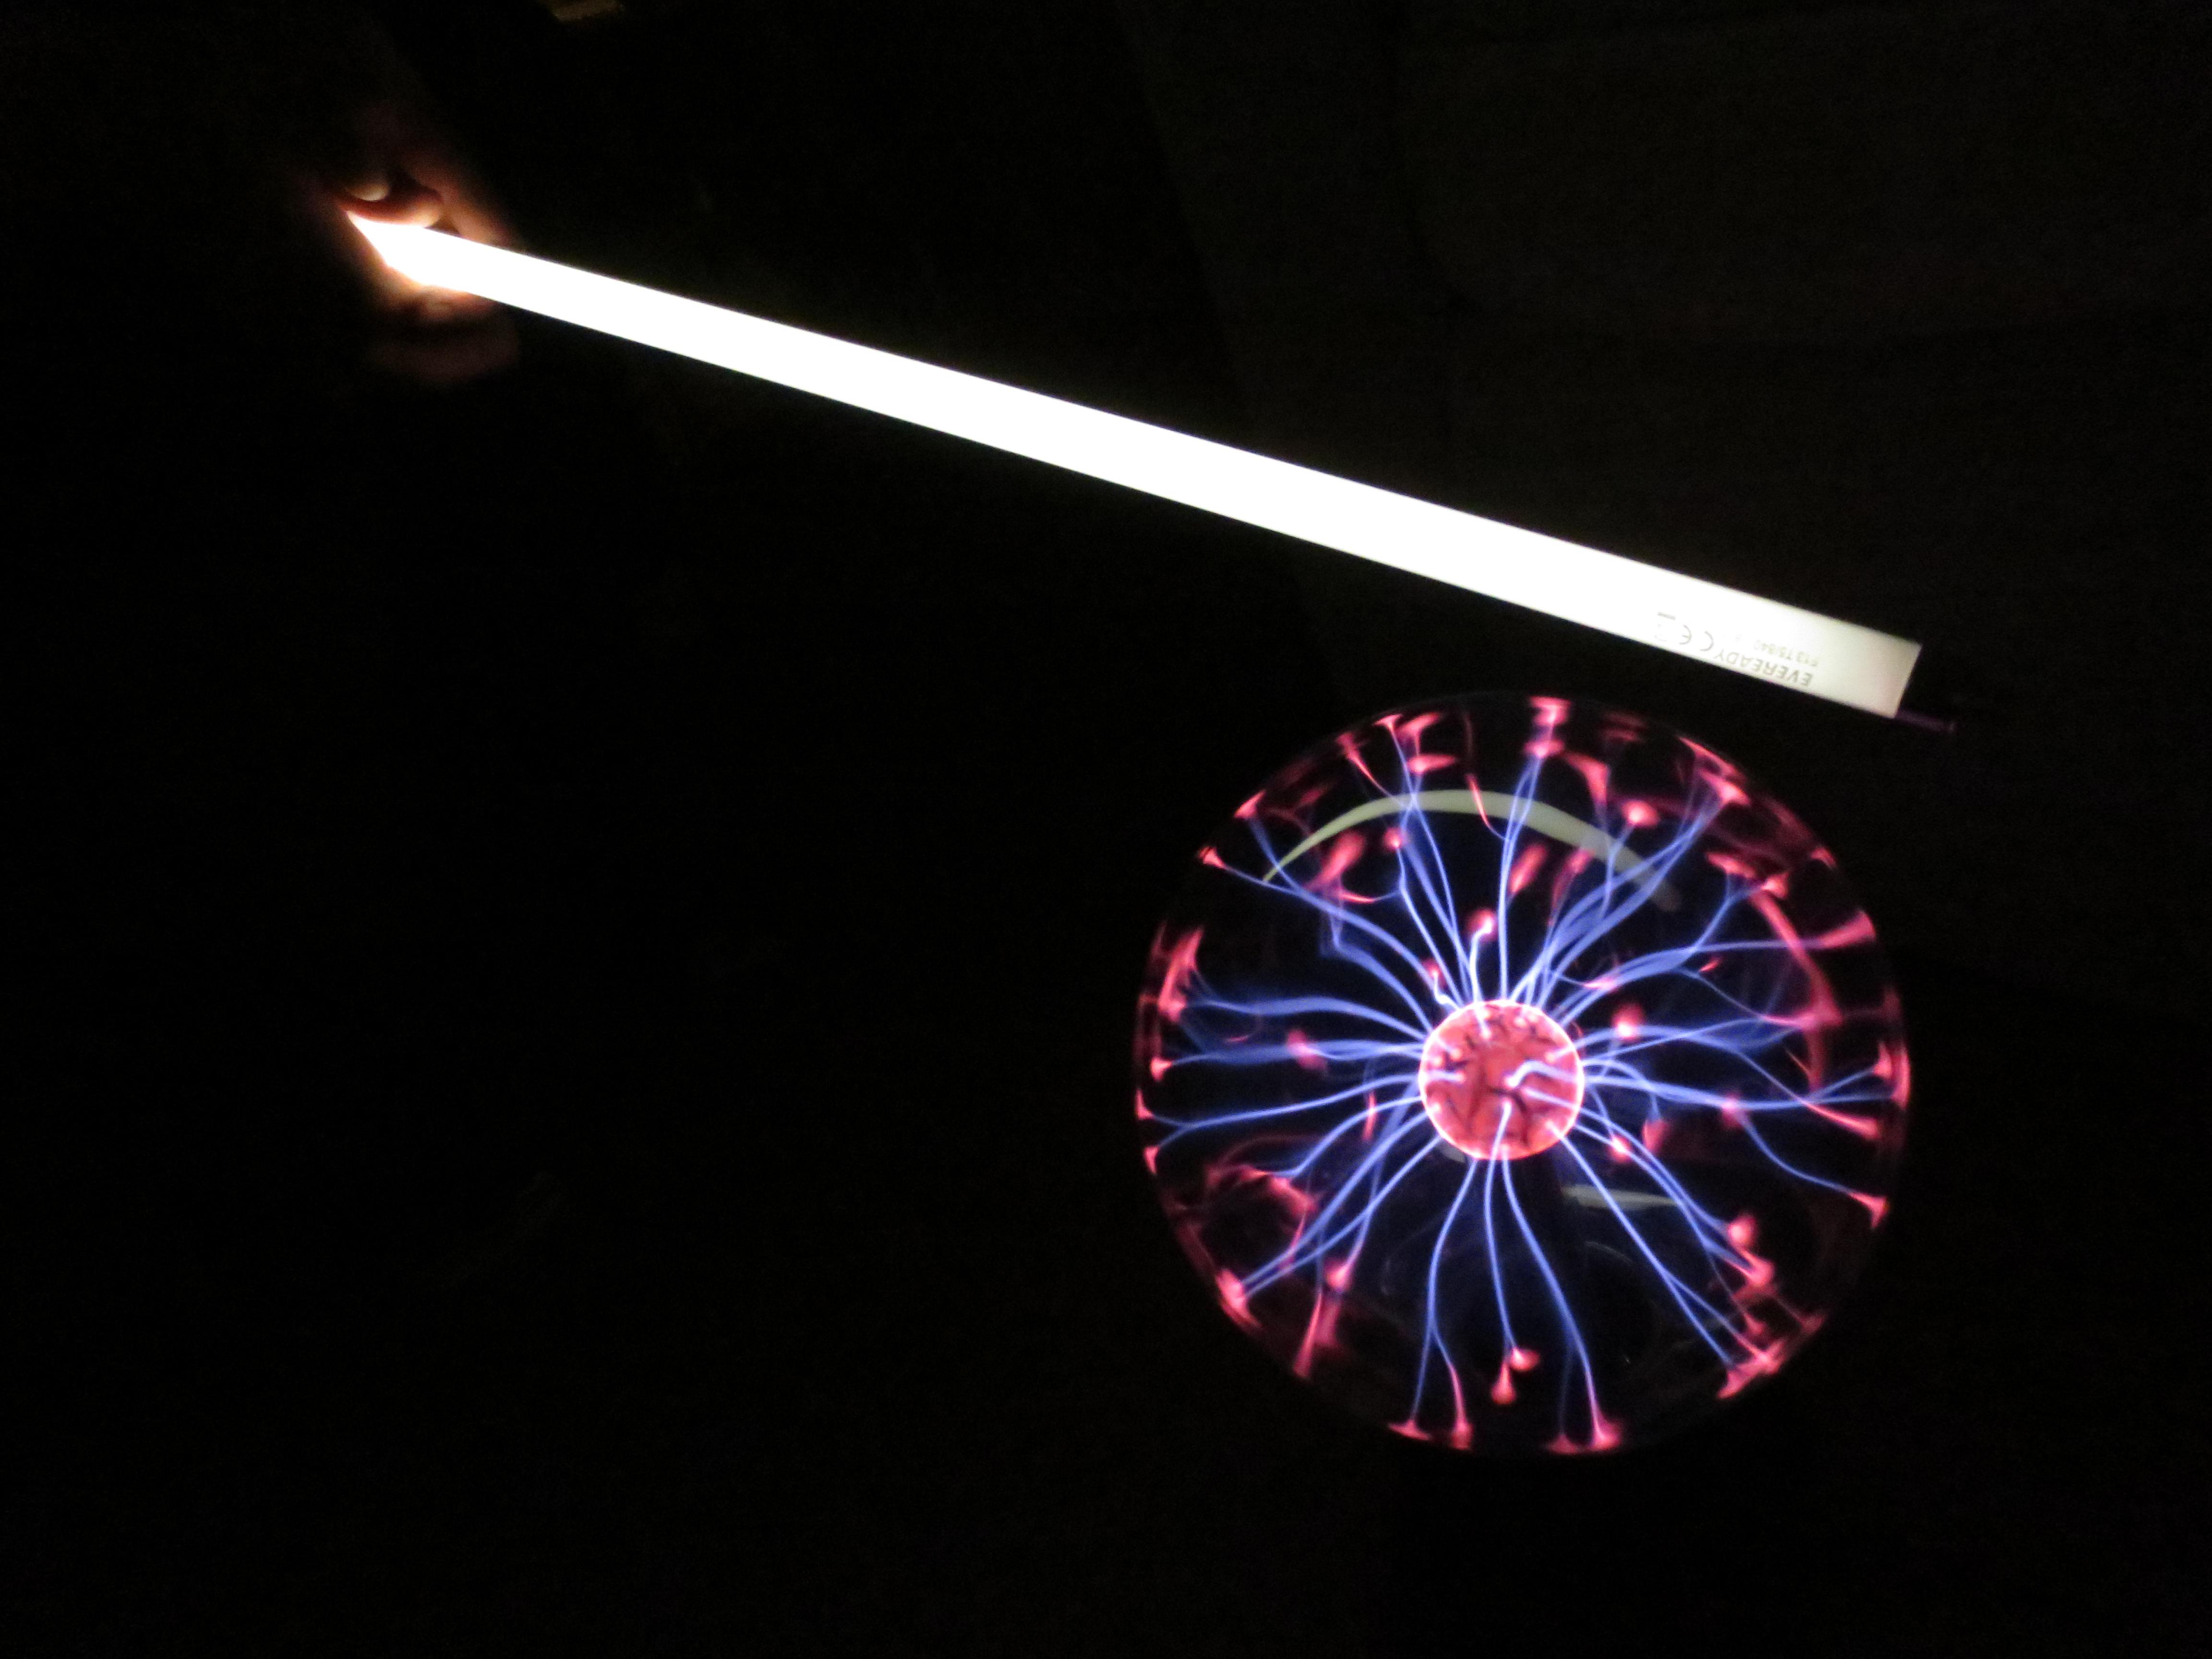 Plasma ball fun8